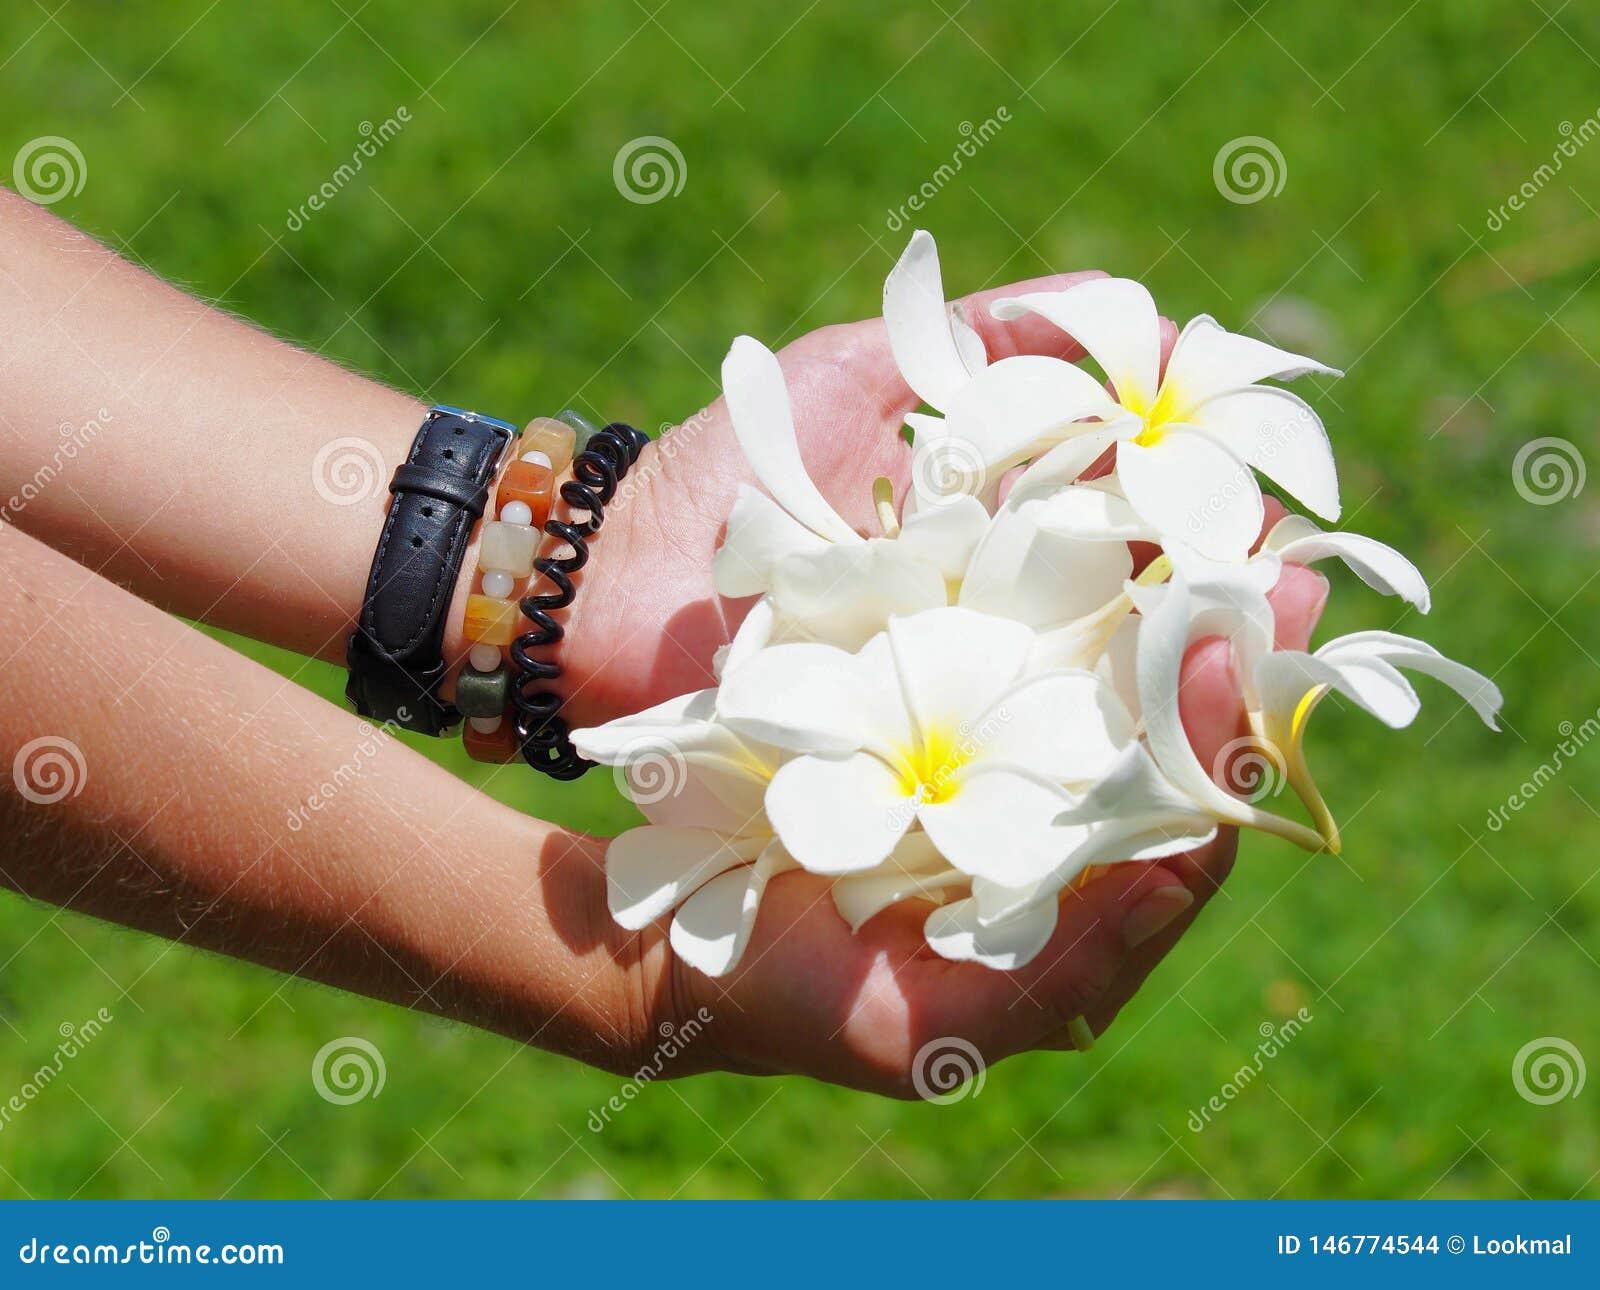 Biali kwiaty w rękach które tworzą puchar